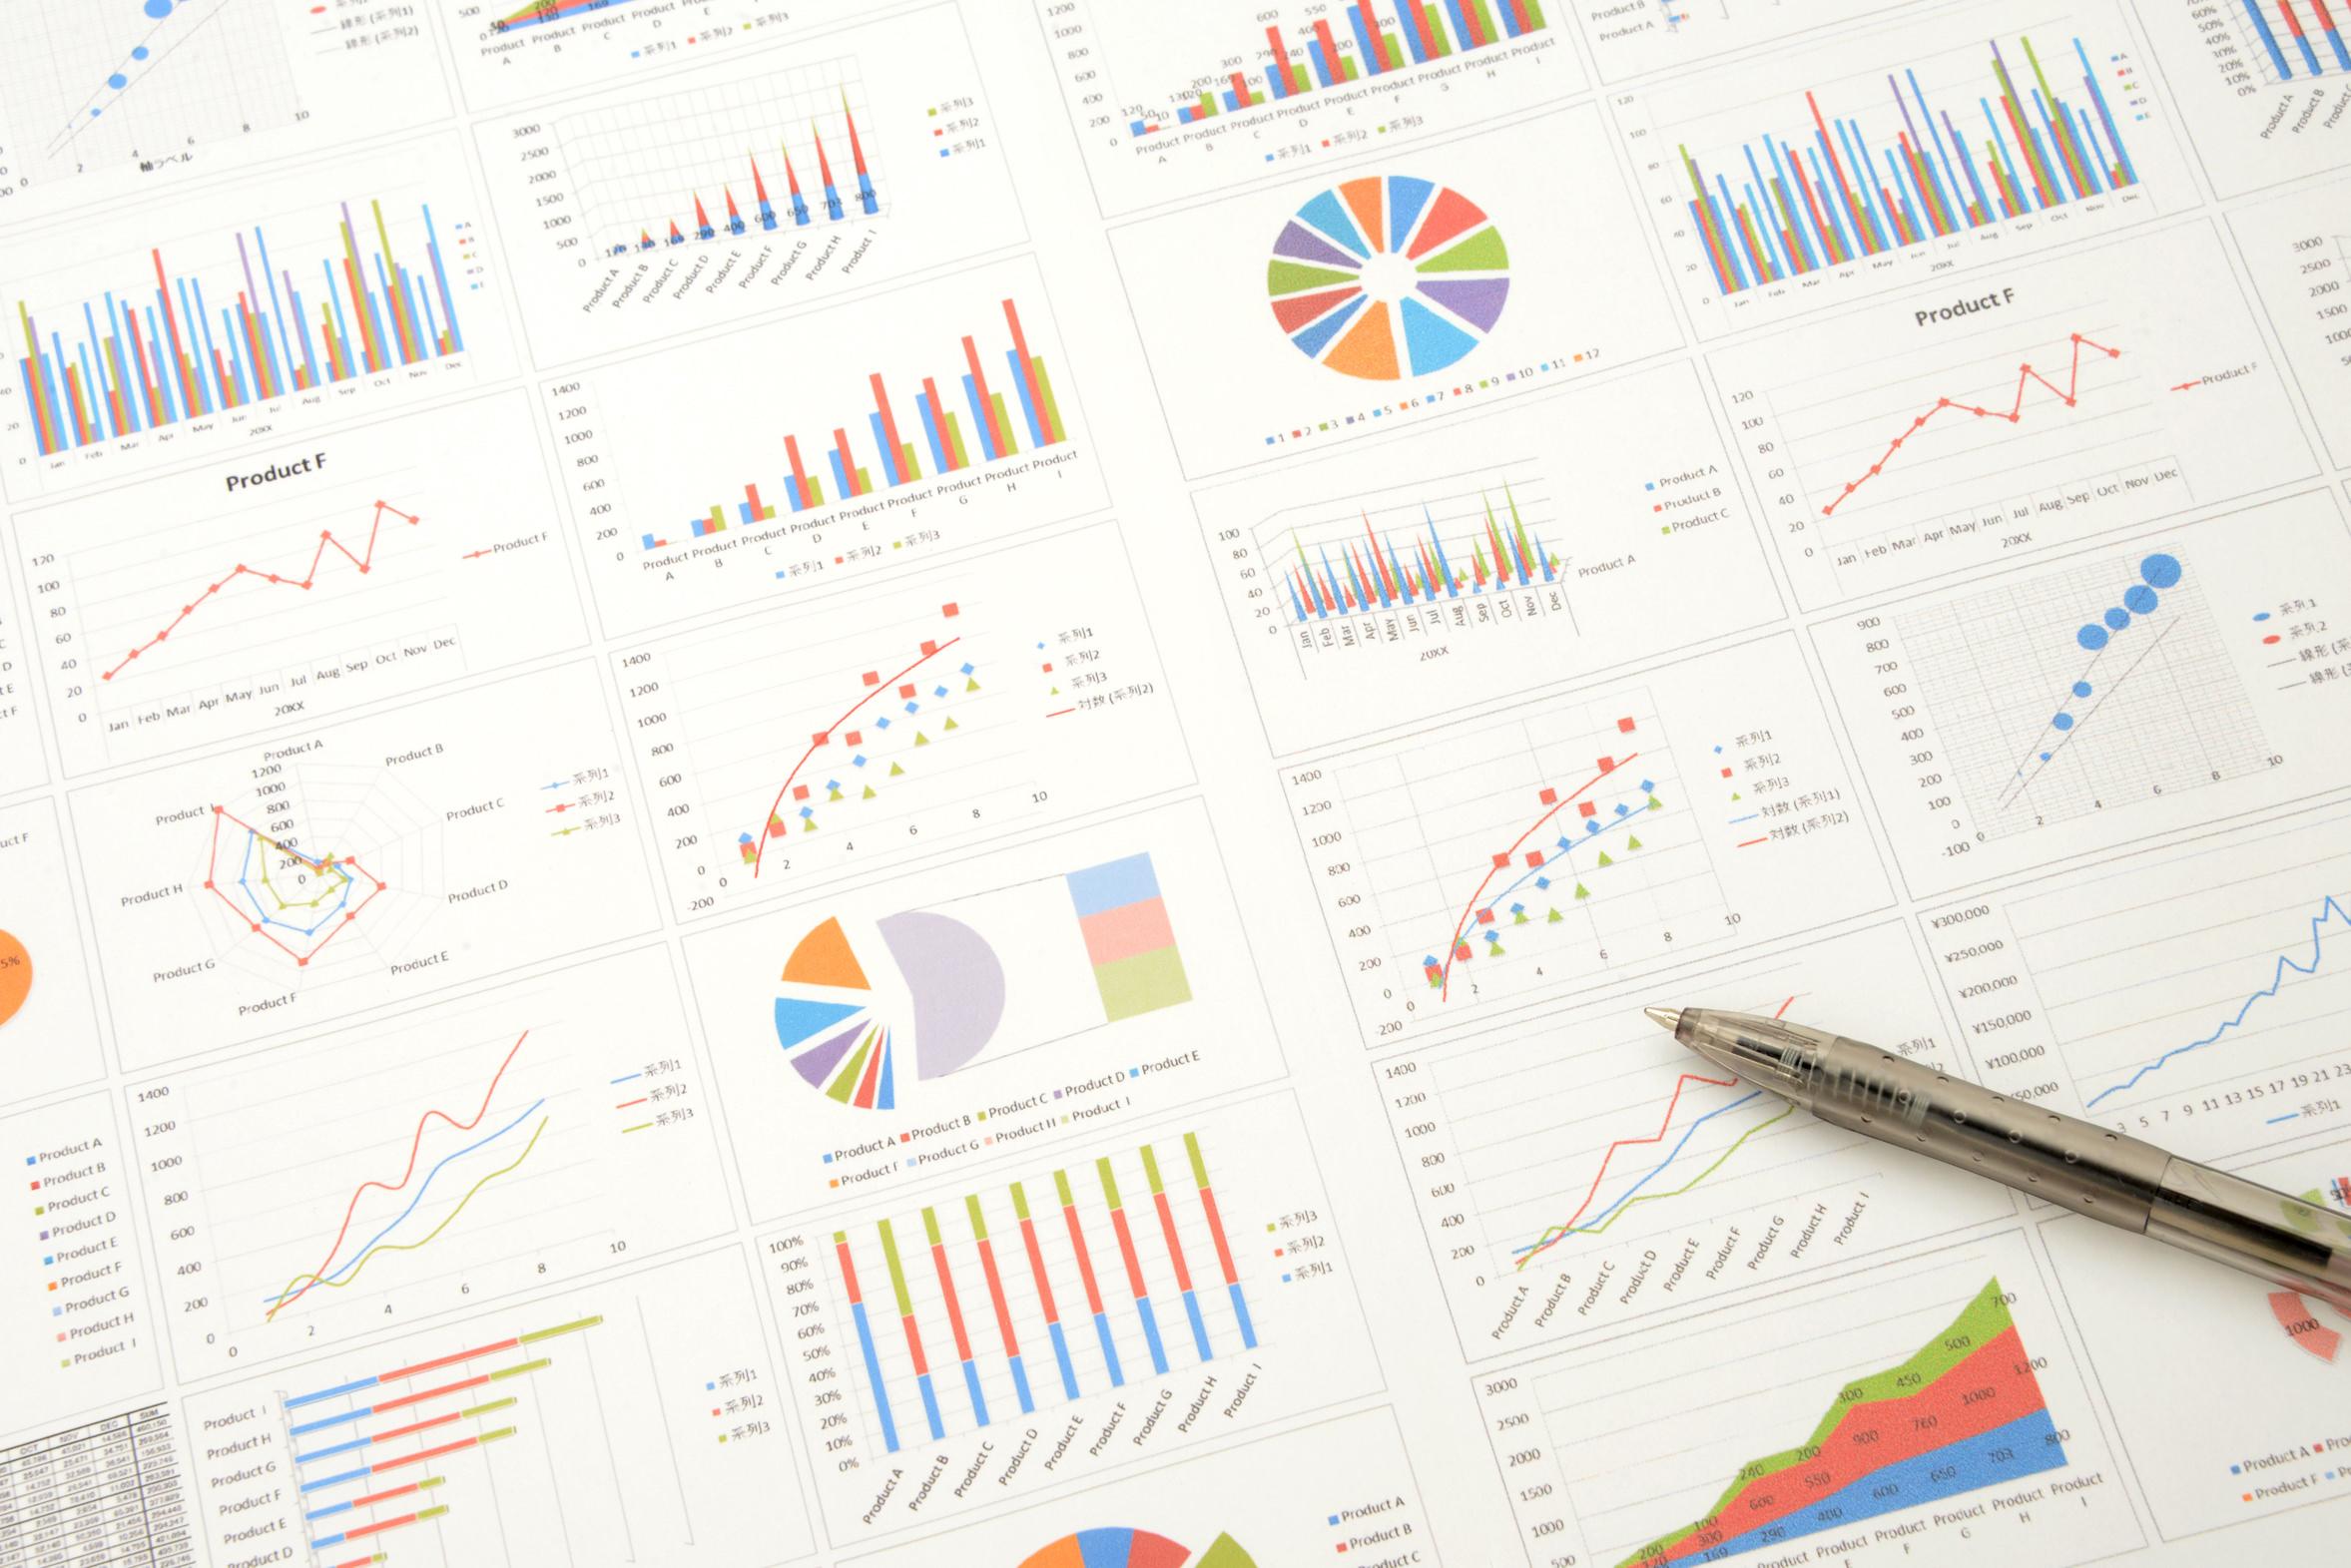 たくさんのデータをグラフ化し情報量がたくさんあるイメージ画像